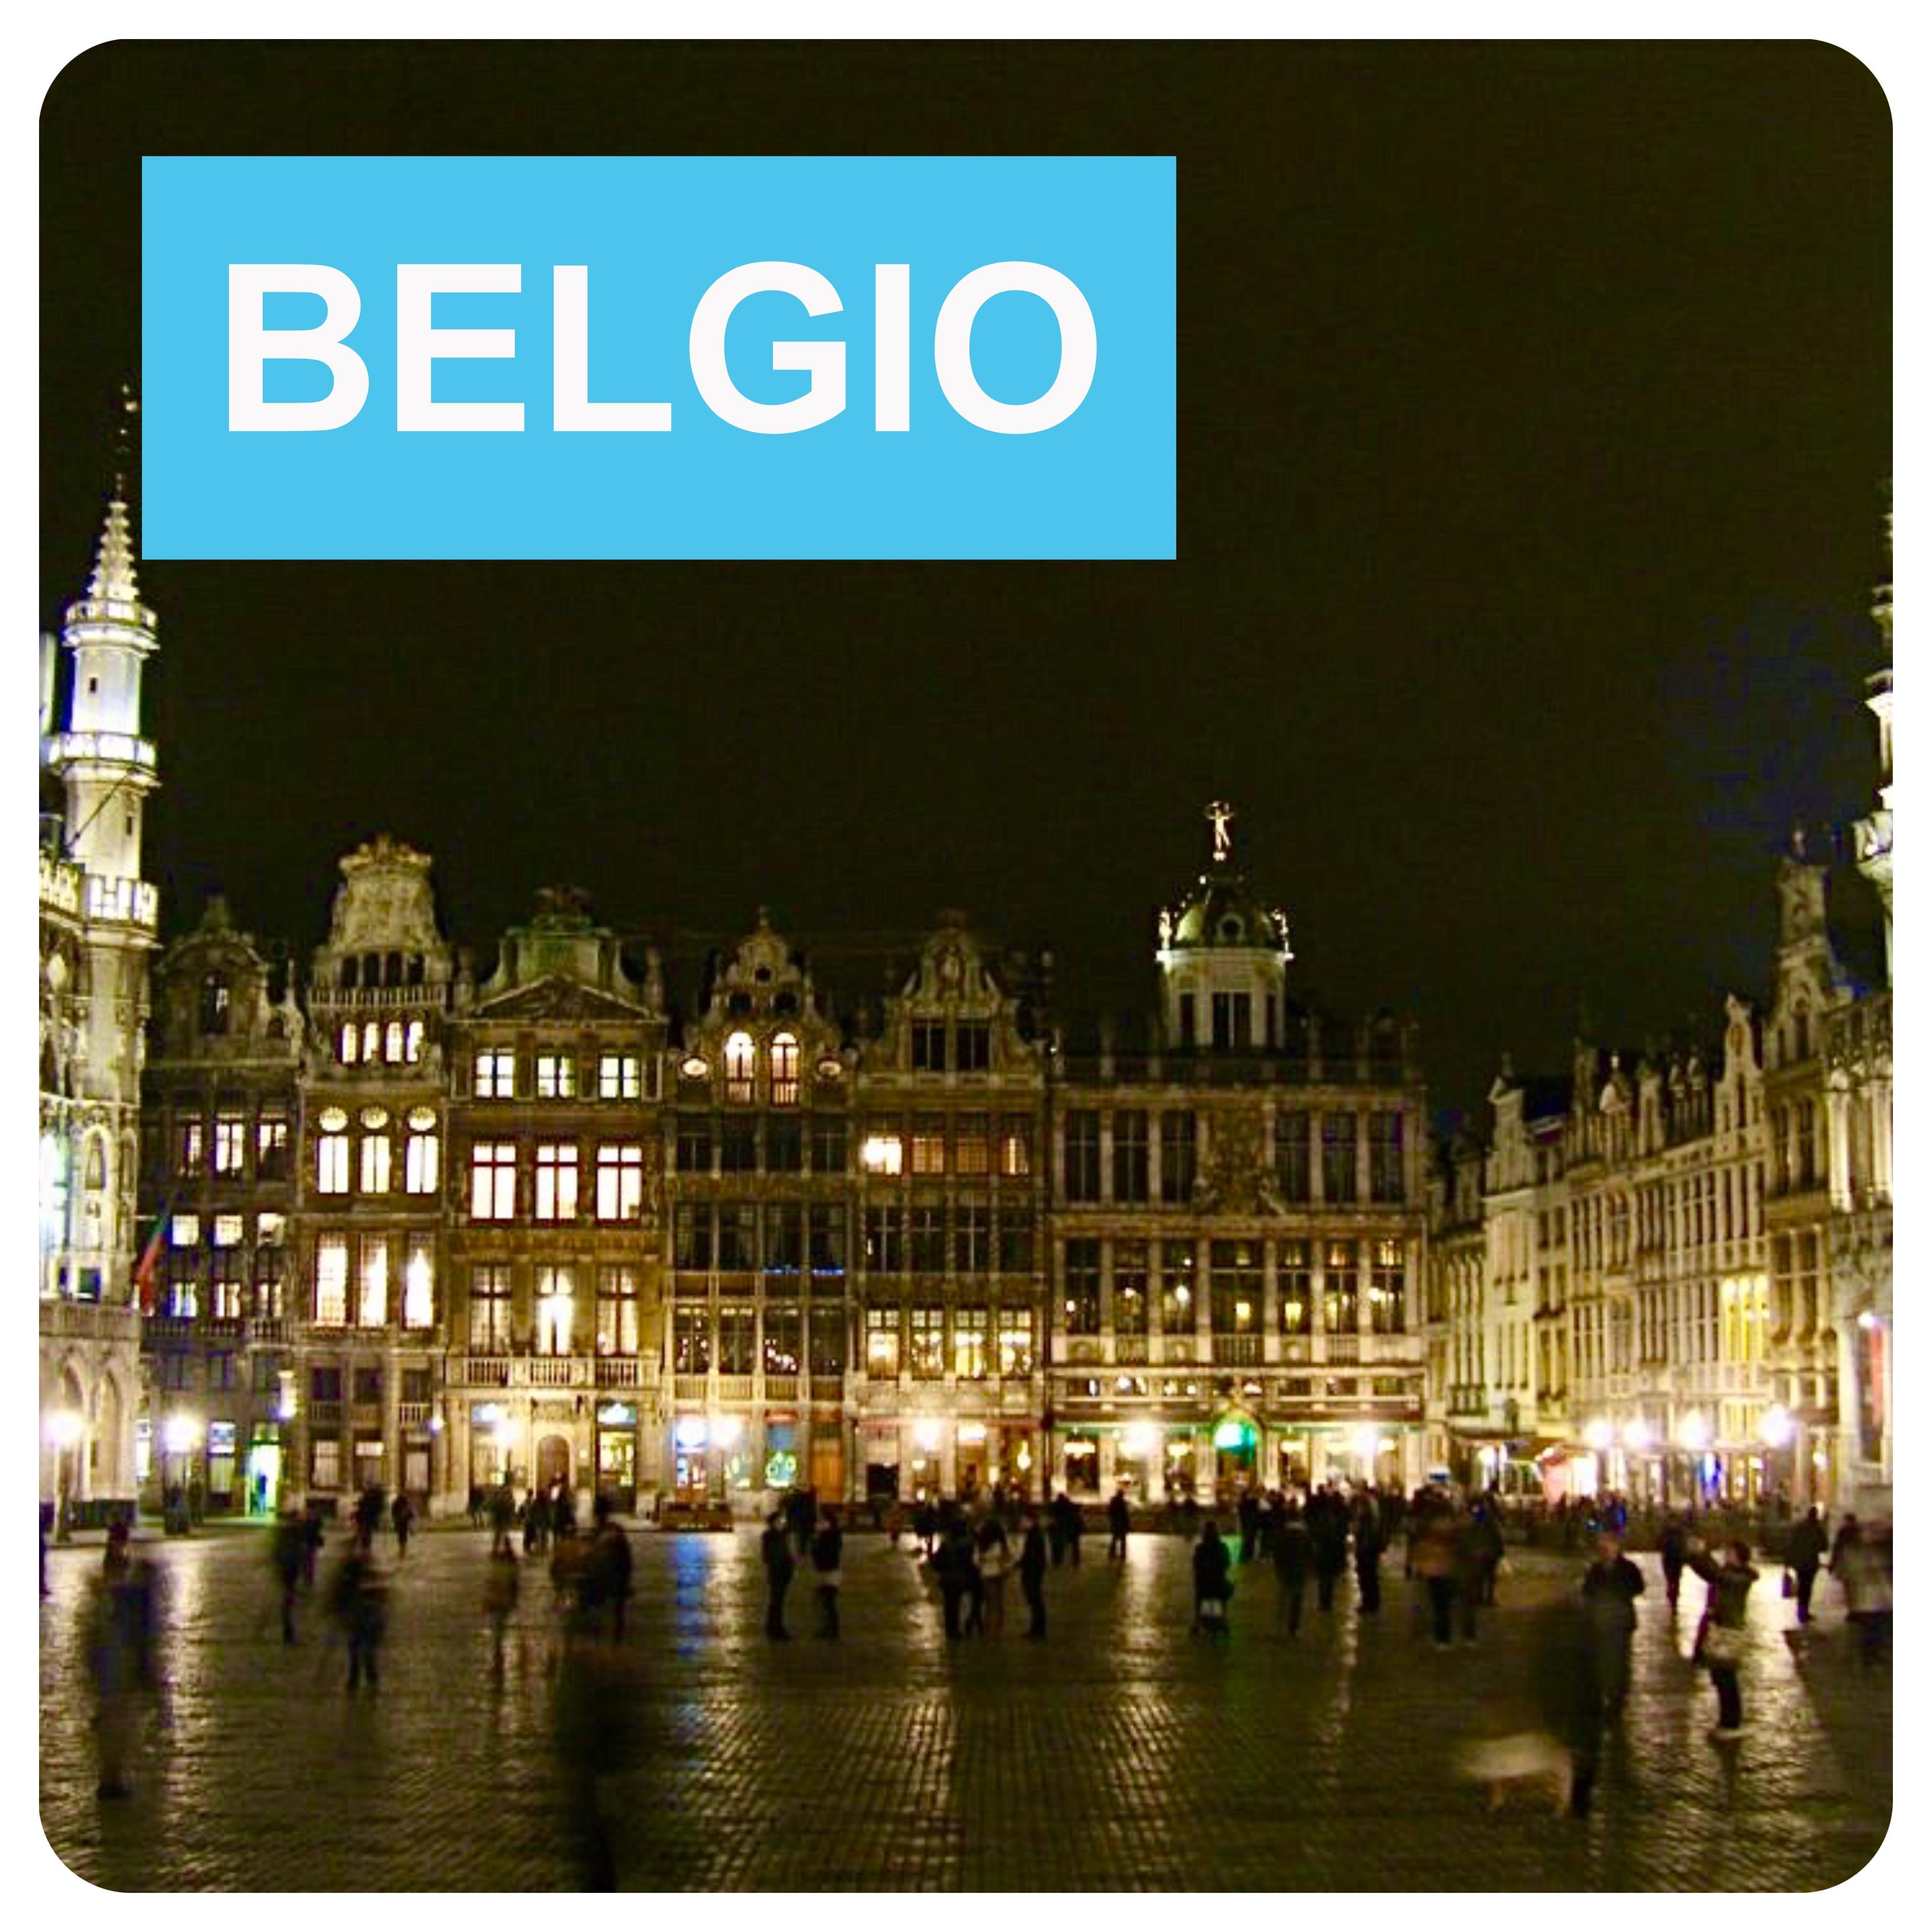 Noleggio auto belgio senza carta di credito